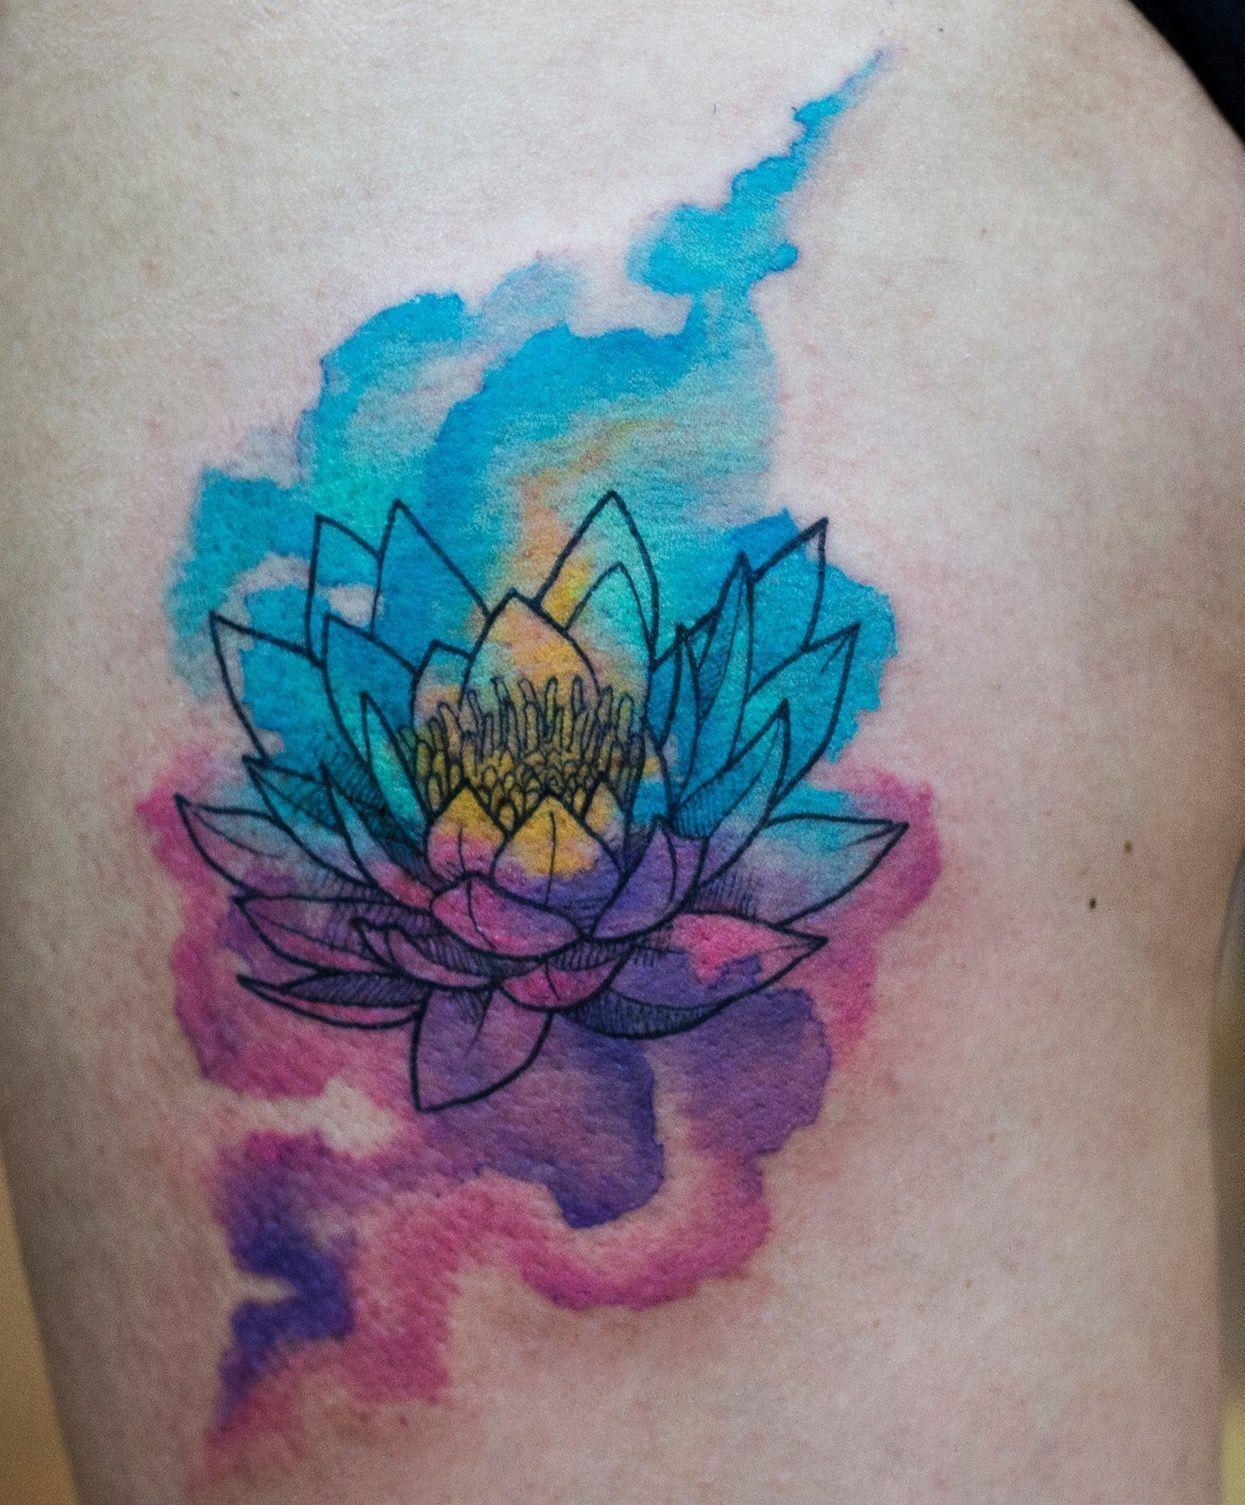 Lotus Flower Watercolor Tattoo Tattoos Tattoos Lotus Tattoo In Lotus Flower In Water Color Watercolor Lotus Tattoo Blue Lotus Tattoo Watercolor Tattoo Flower